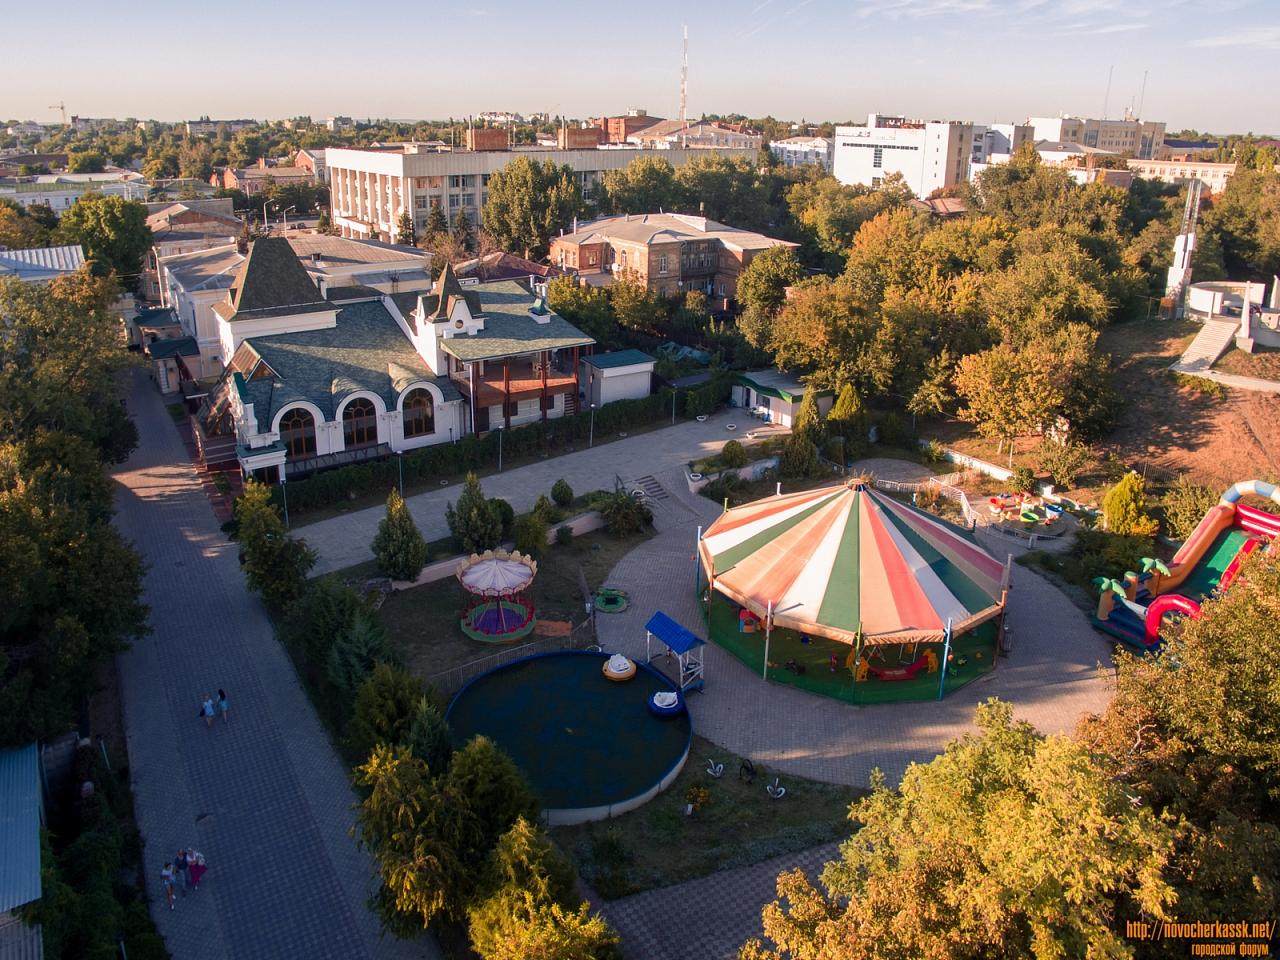 деревней полевой старые фото александровского парка г новочеркасск несколько модификаций